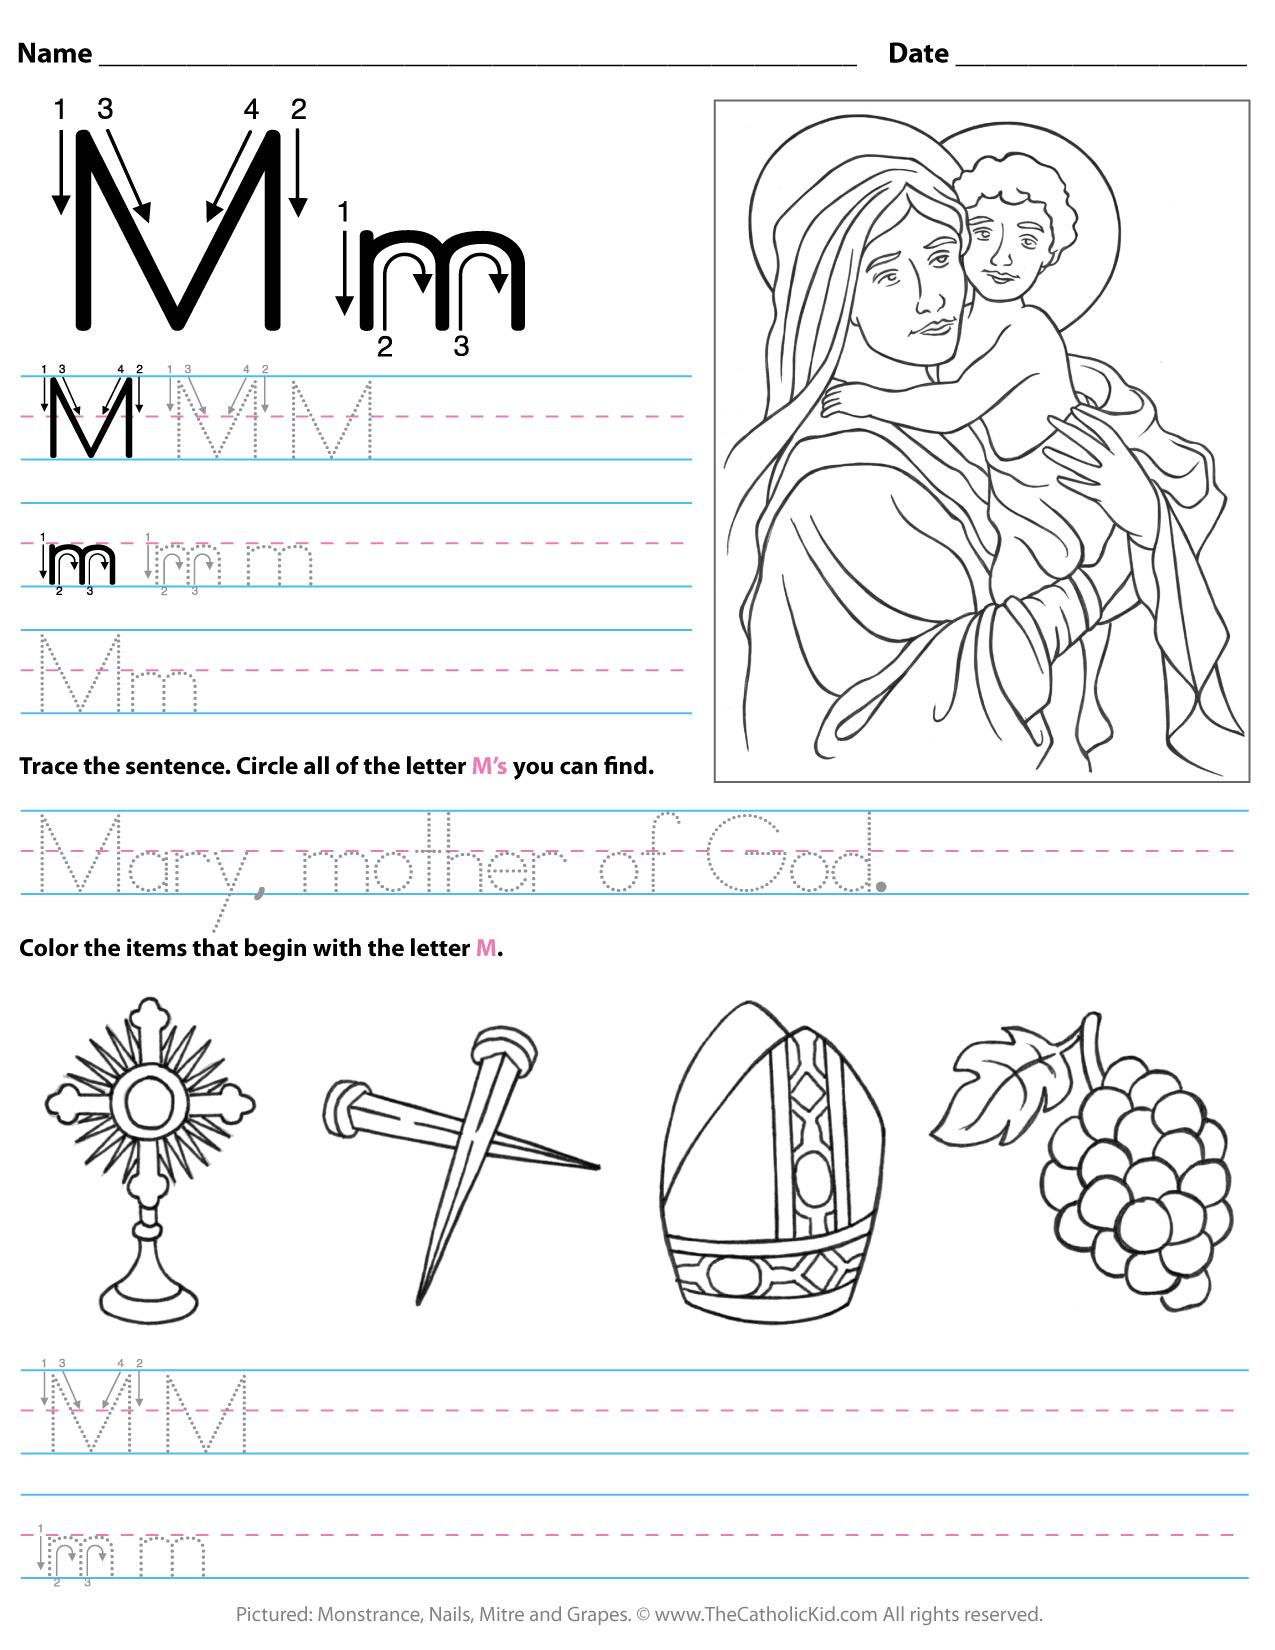 Catholic Alphabet Letter M Worksheet Preschool Kindergarten within Letter M Worksheets For Kinder